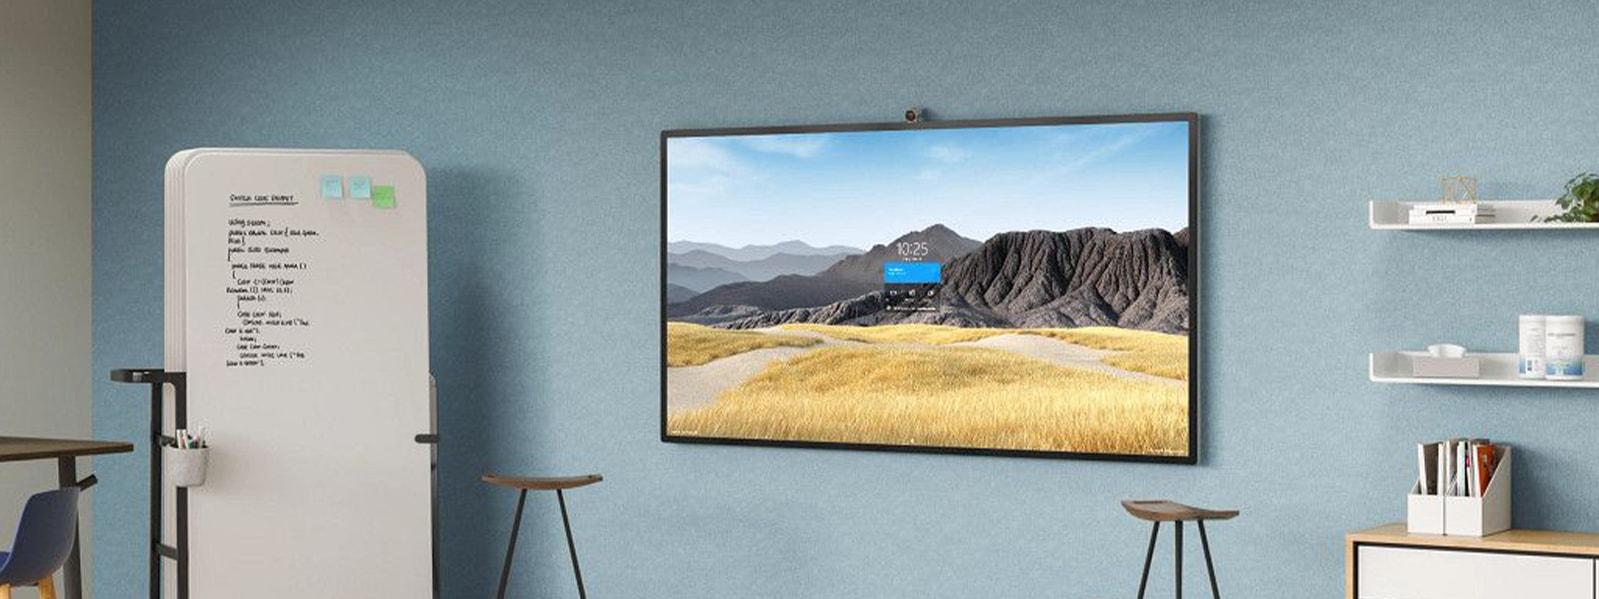 Un Surface HUB 2S 85'' sur le support mural dans un bureau.